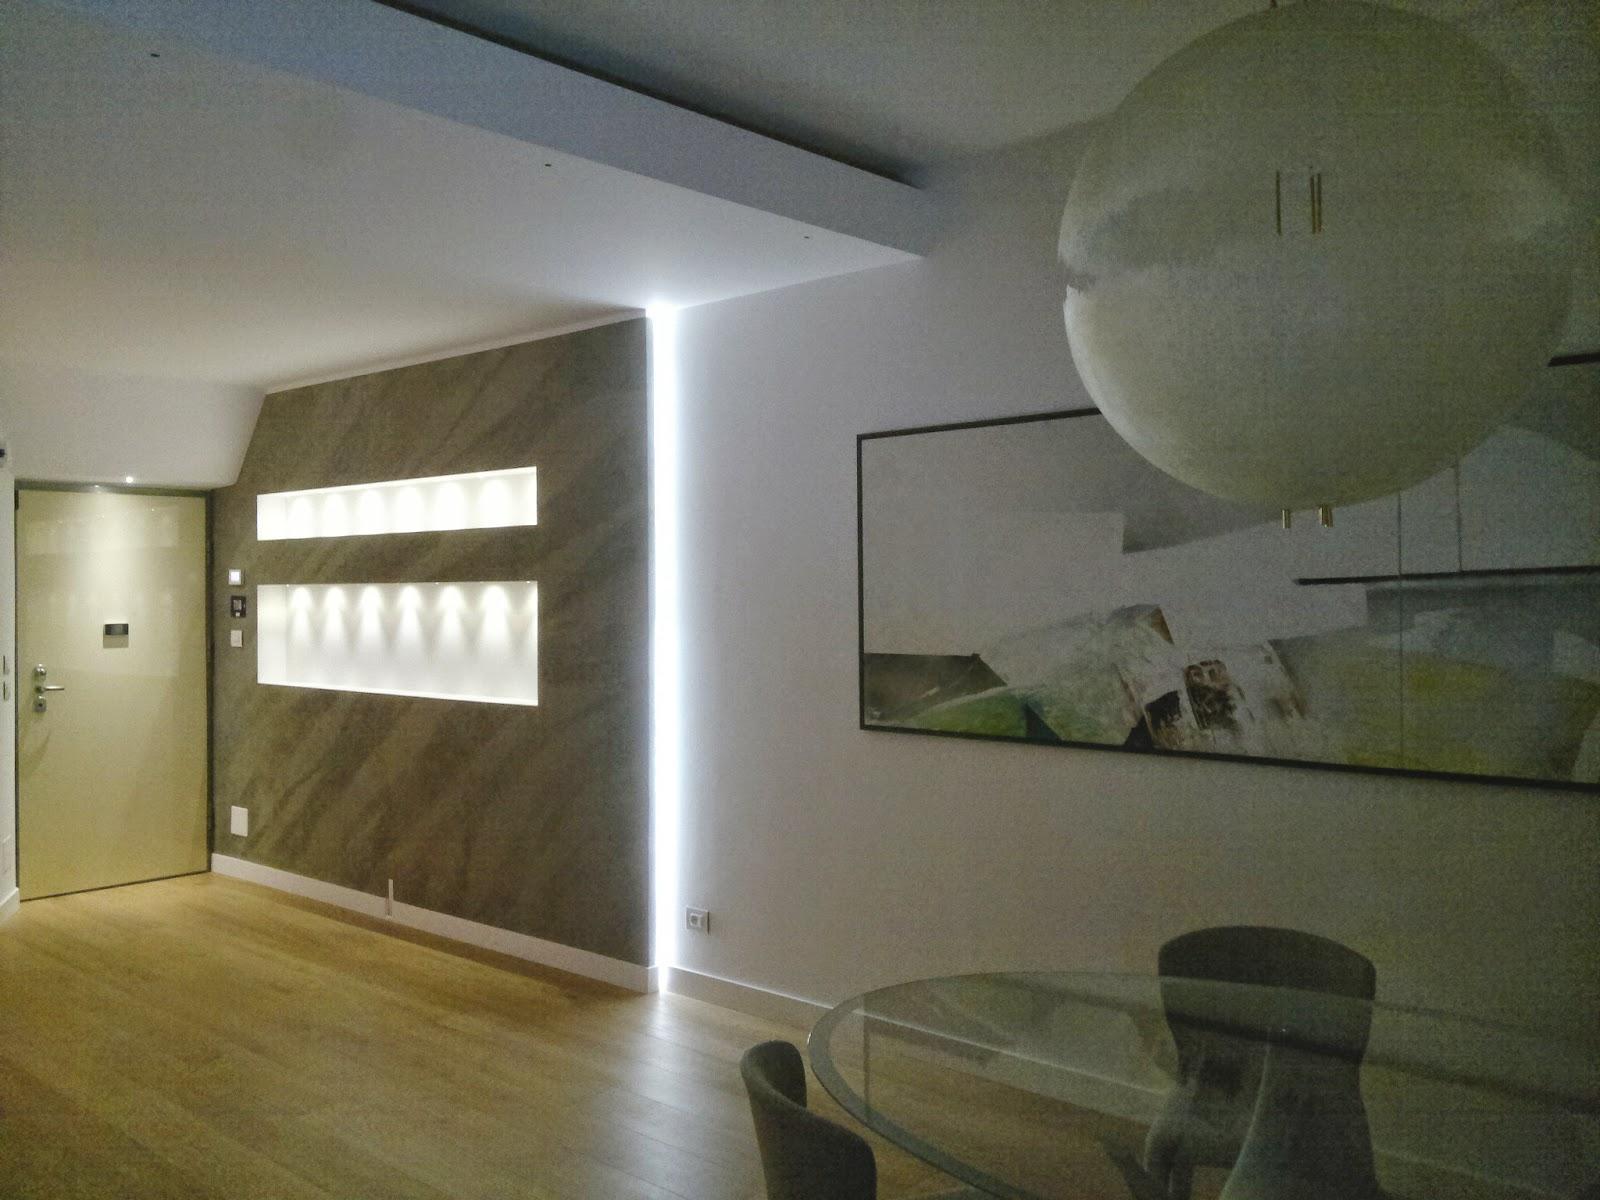 Illuminazione led casa torino ristrutturando un for Illuminazione con faretti a led